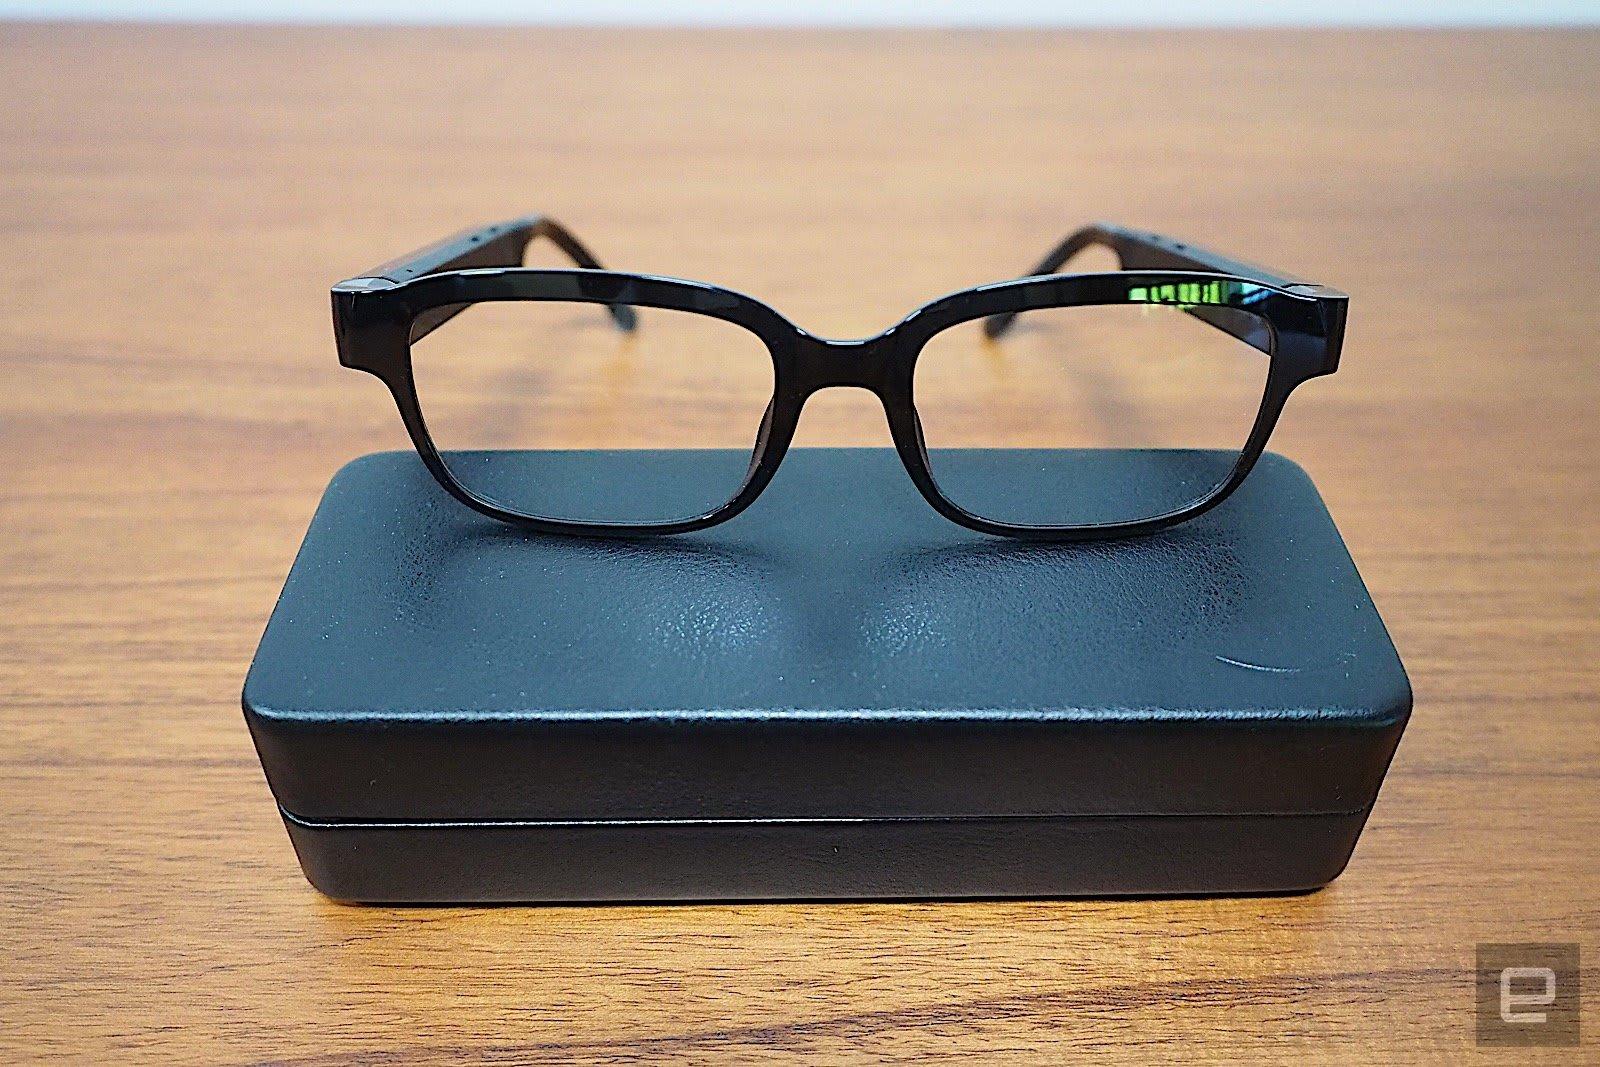 Alexa搭載メガネ「Echo Frames」をアマゾンが海外発表。ディスプレイは非搭載